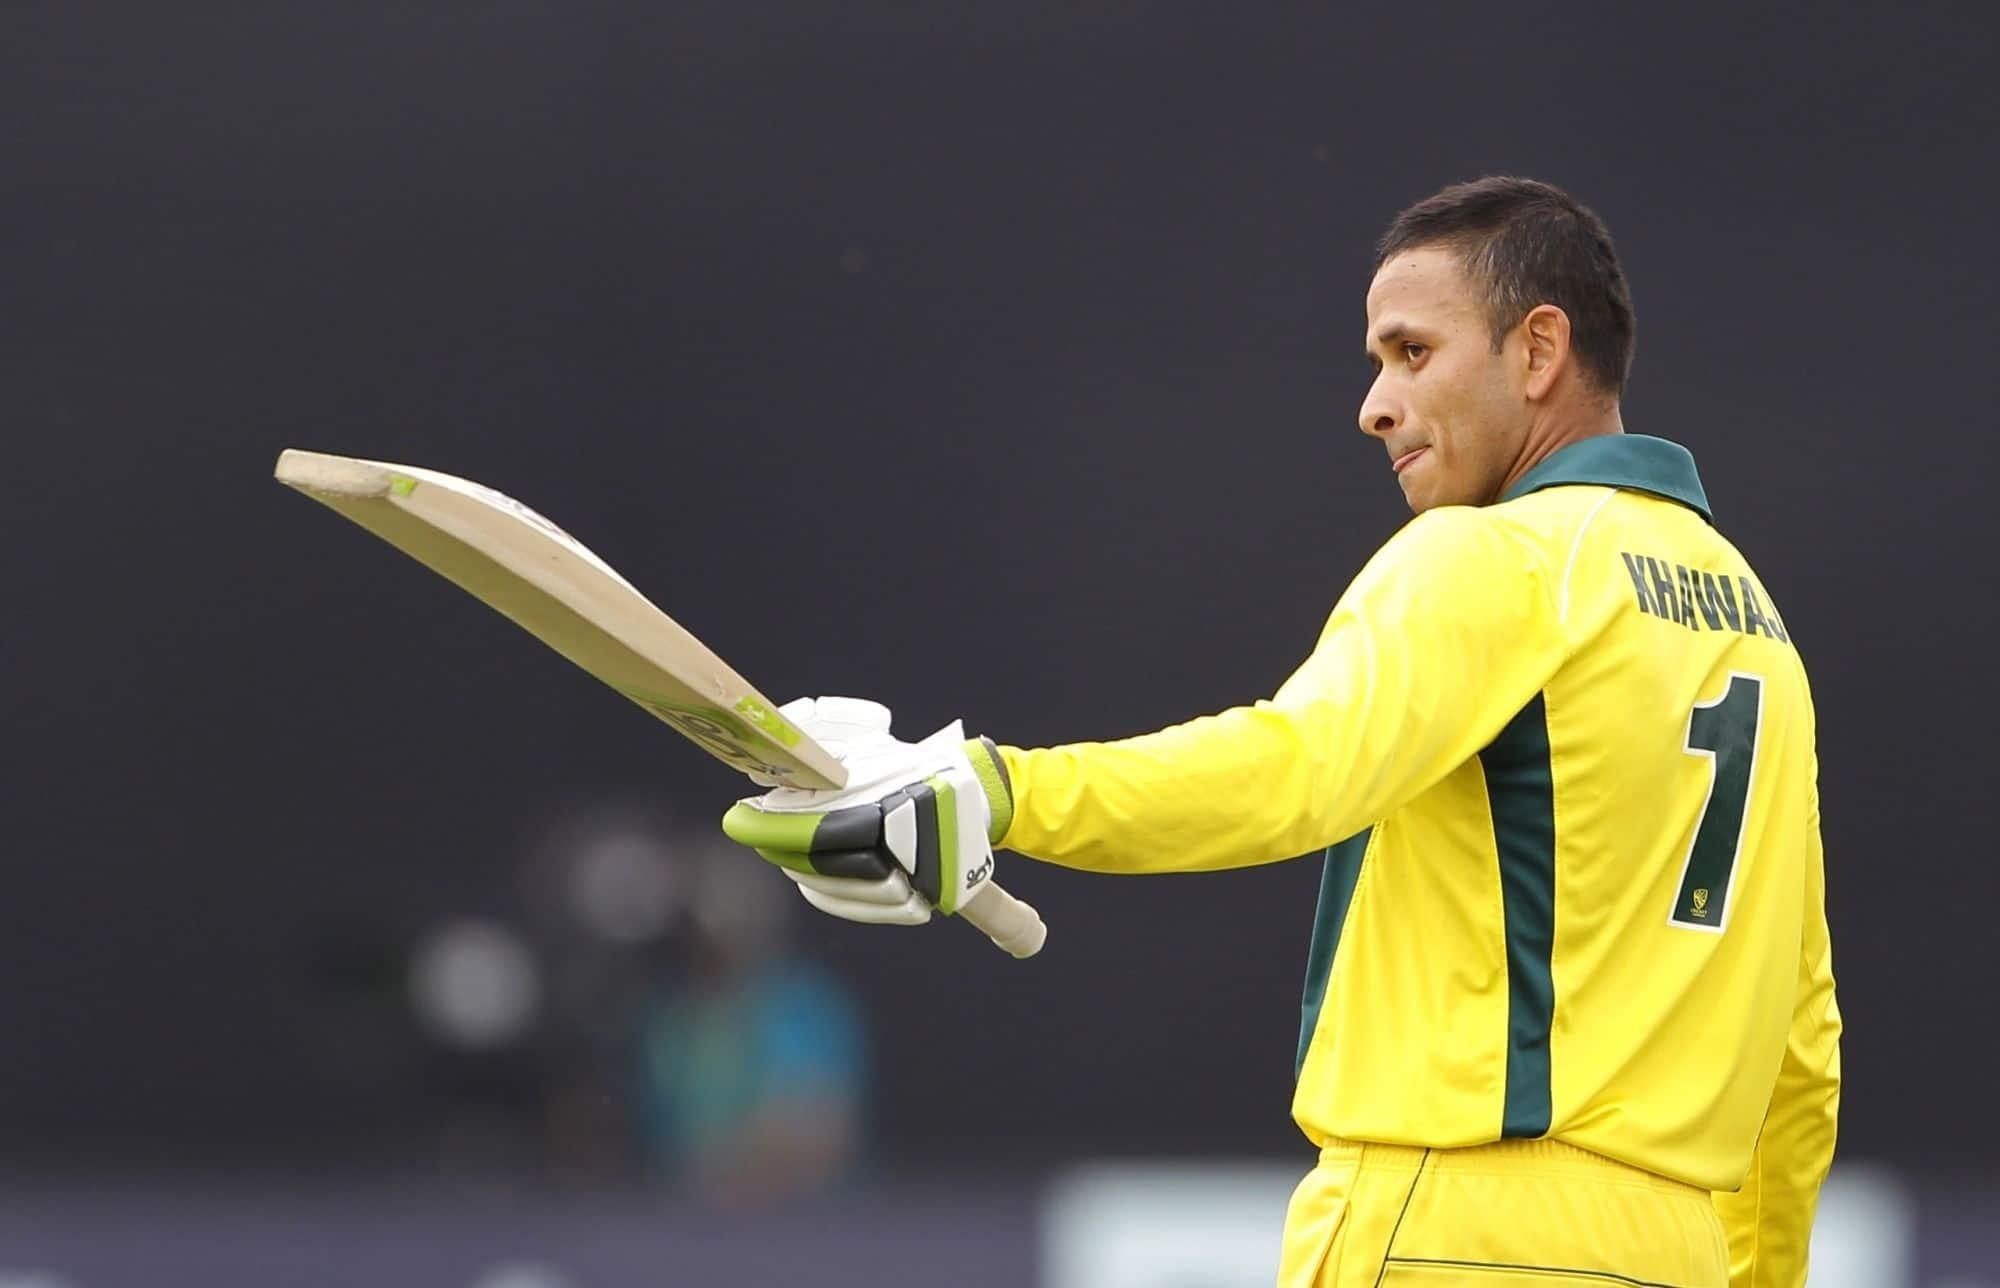 Usman Khawaja propels Australia to 327-7 in fifth ODI against Pakistan